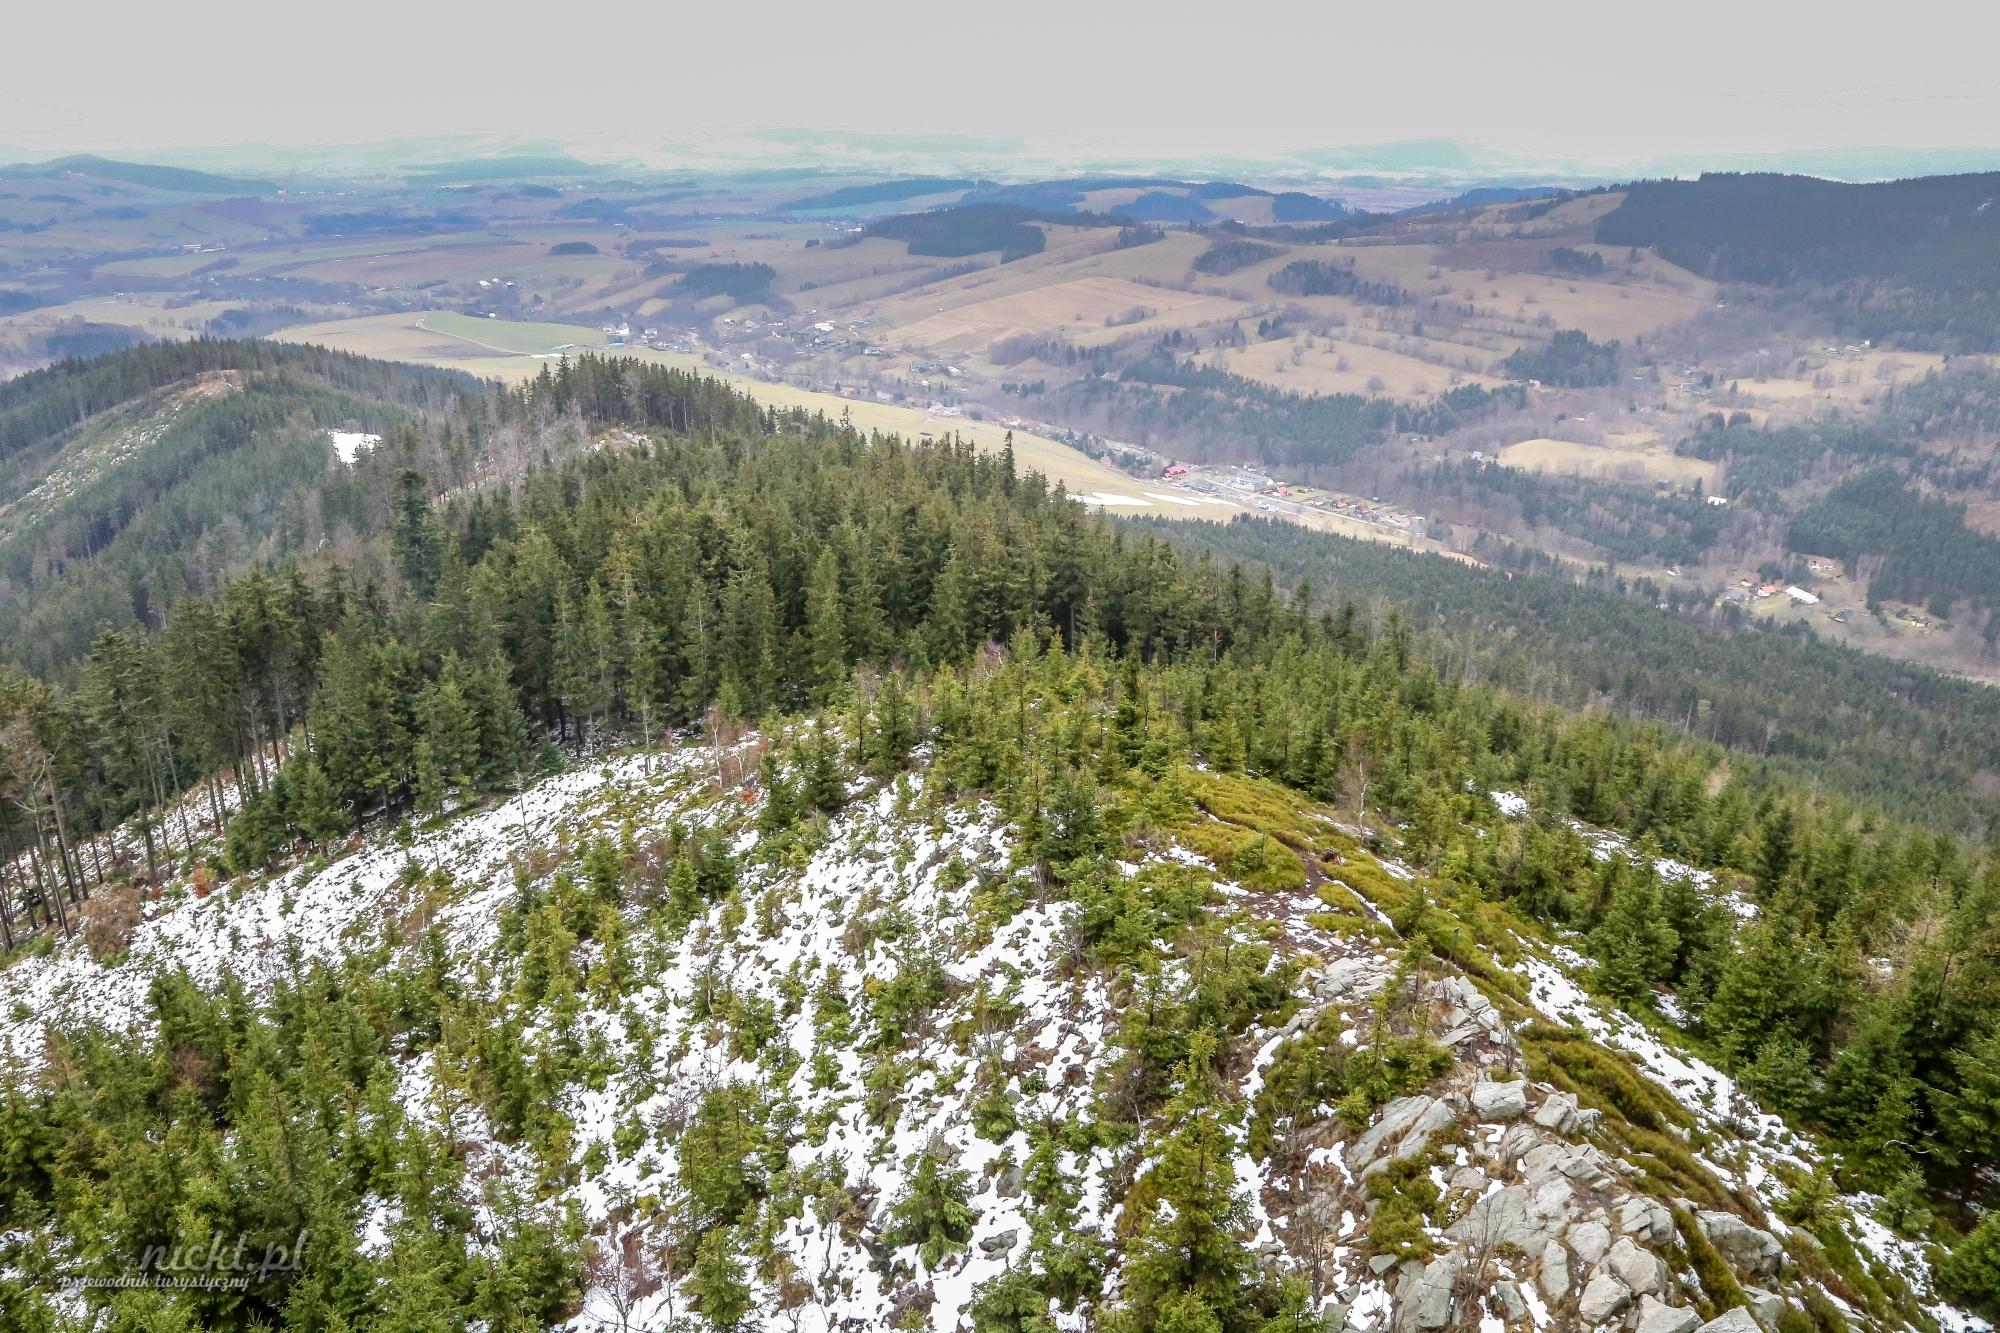 dolni morava stezka v oblacnich czechy punkt widokowy wieza widokowa nickt.pl turystyka niekonwencjonalna przemyslaw woznica 005